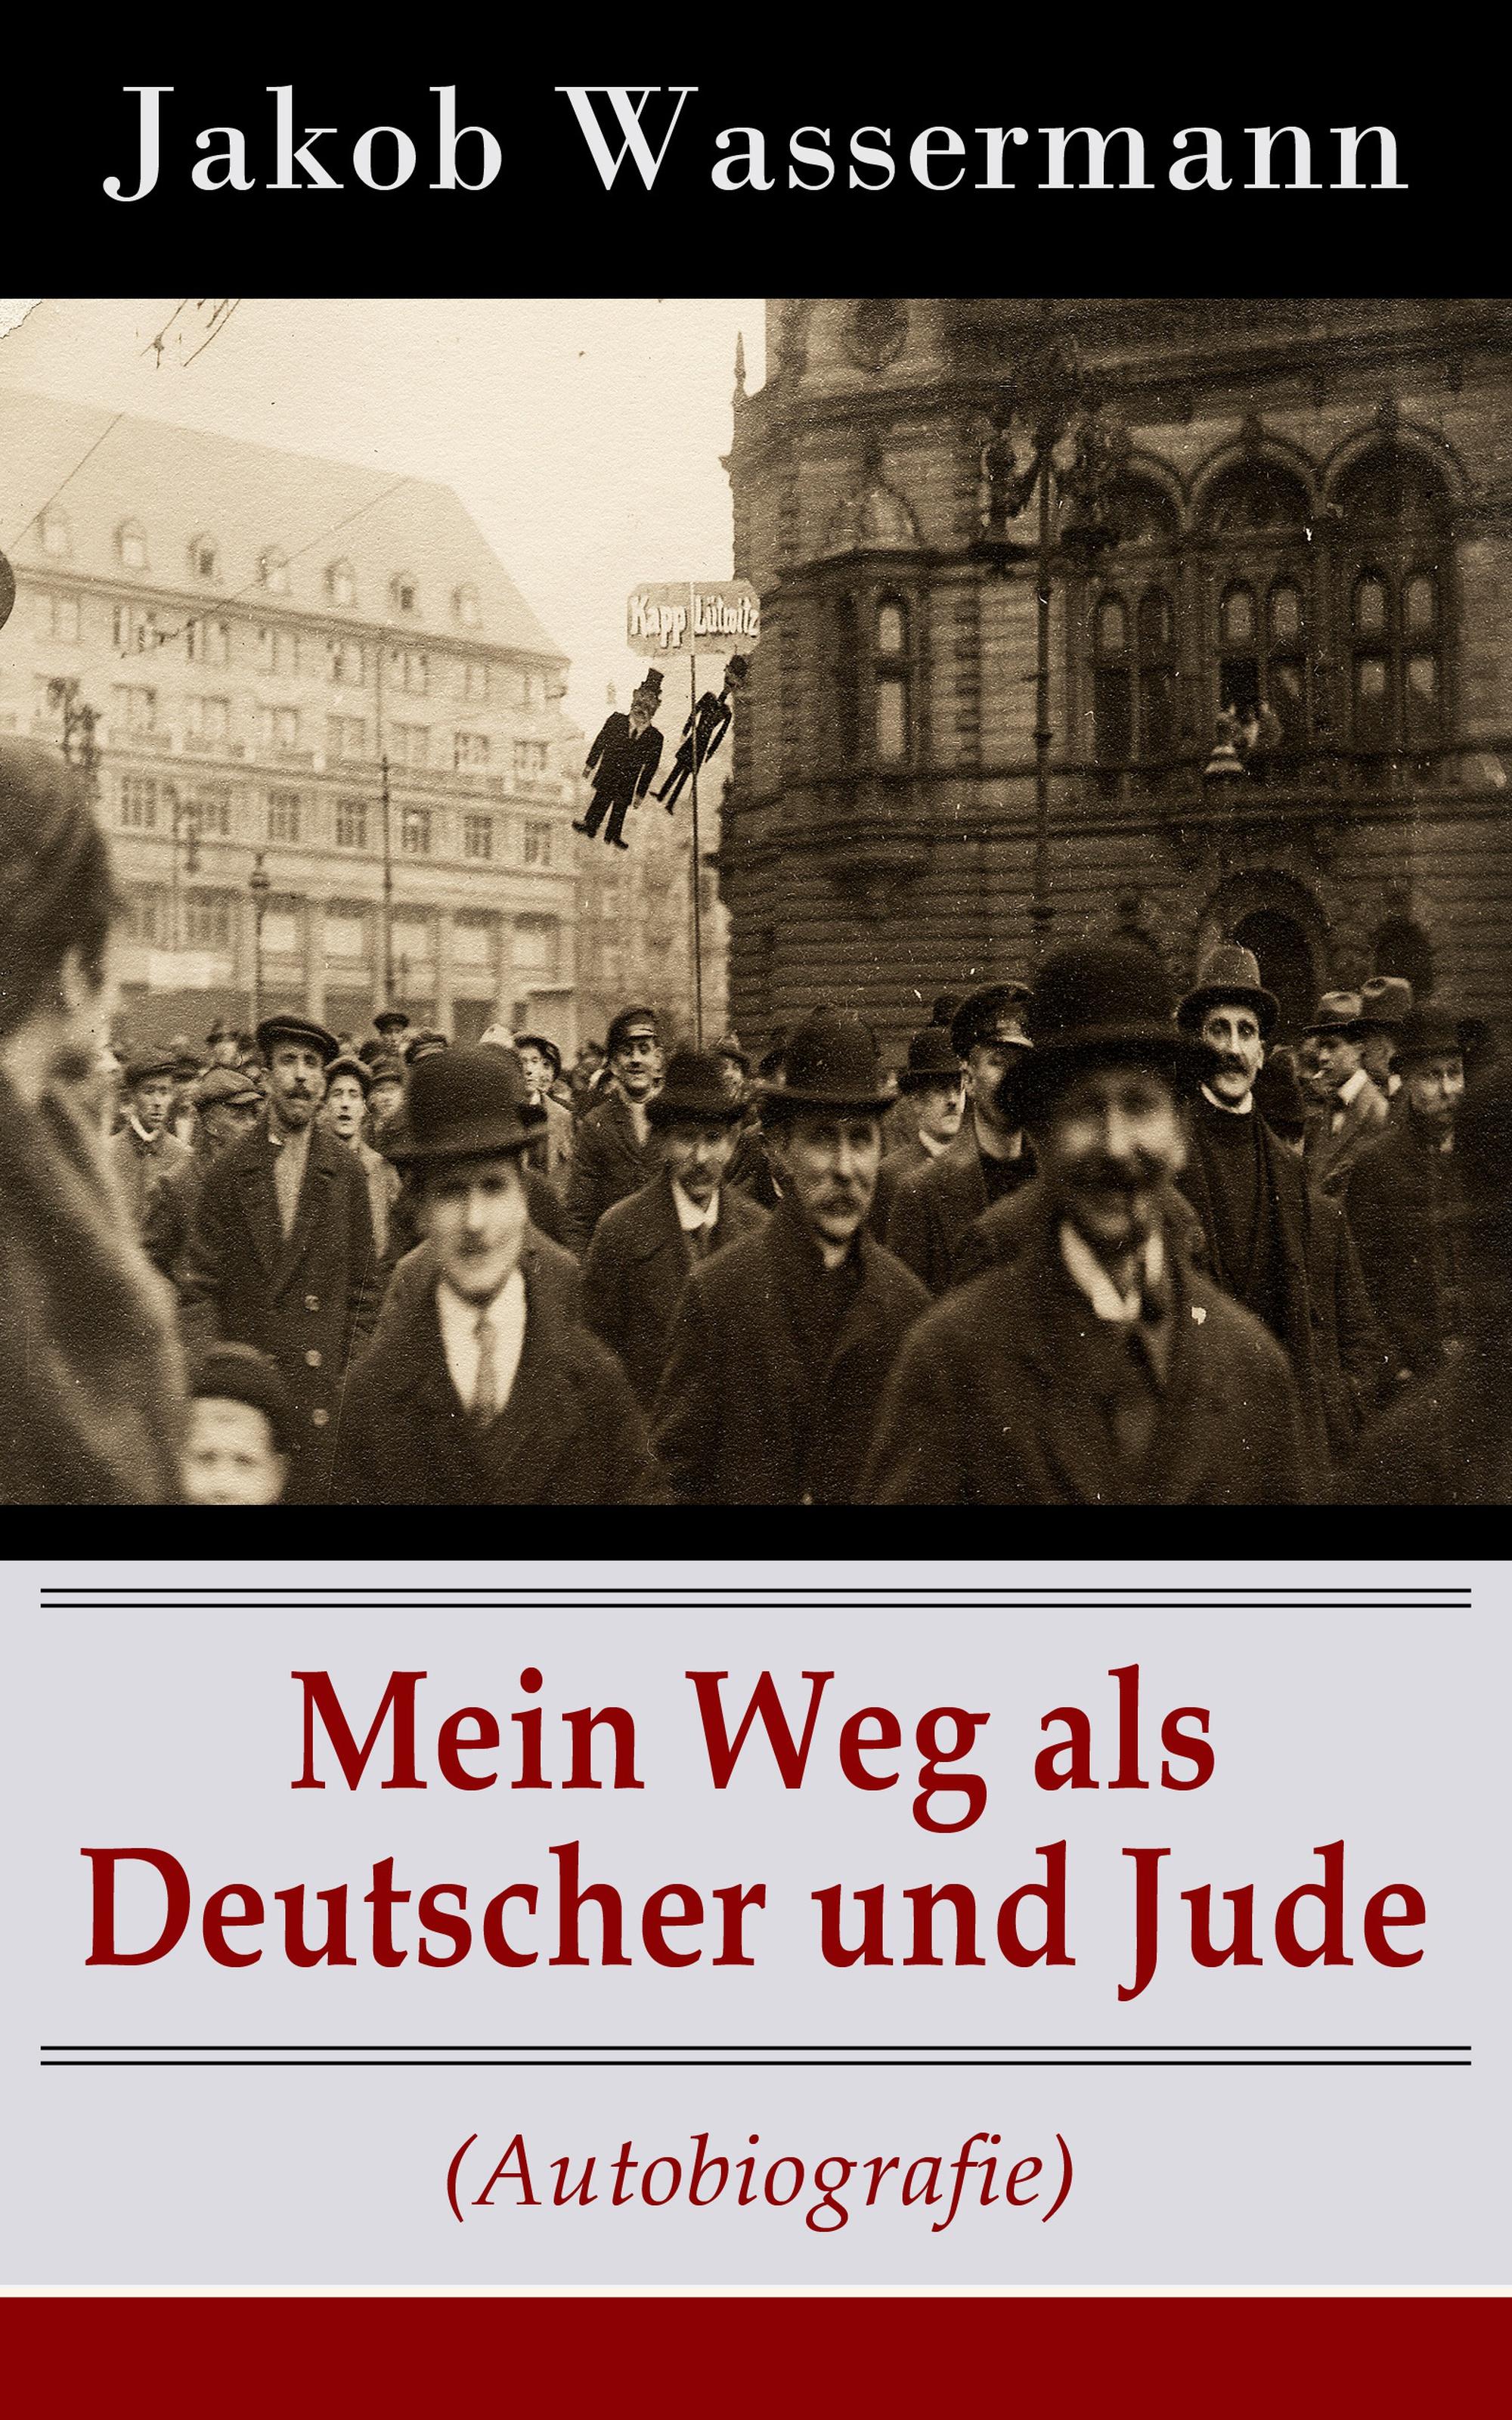 Jakob Wassermann Mein Weg als Deutscher und Jude (Autobiografie)